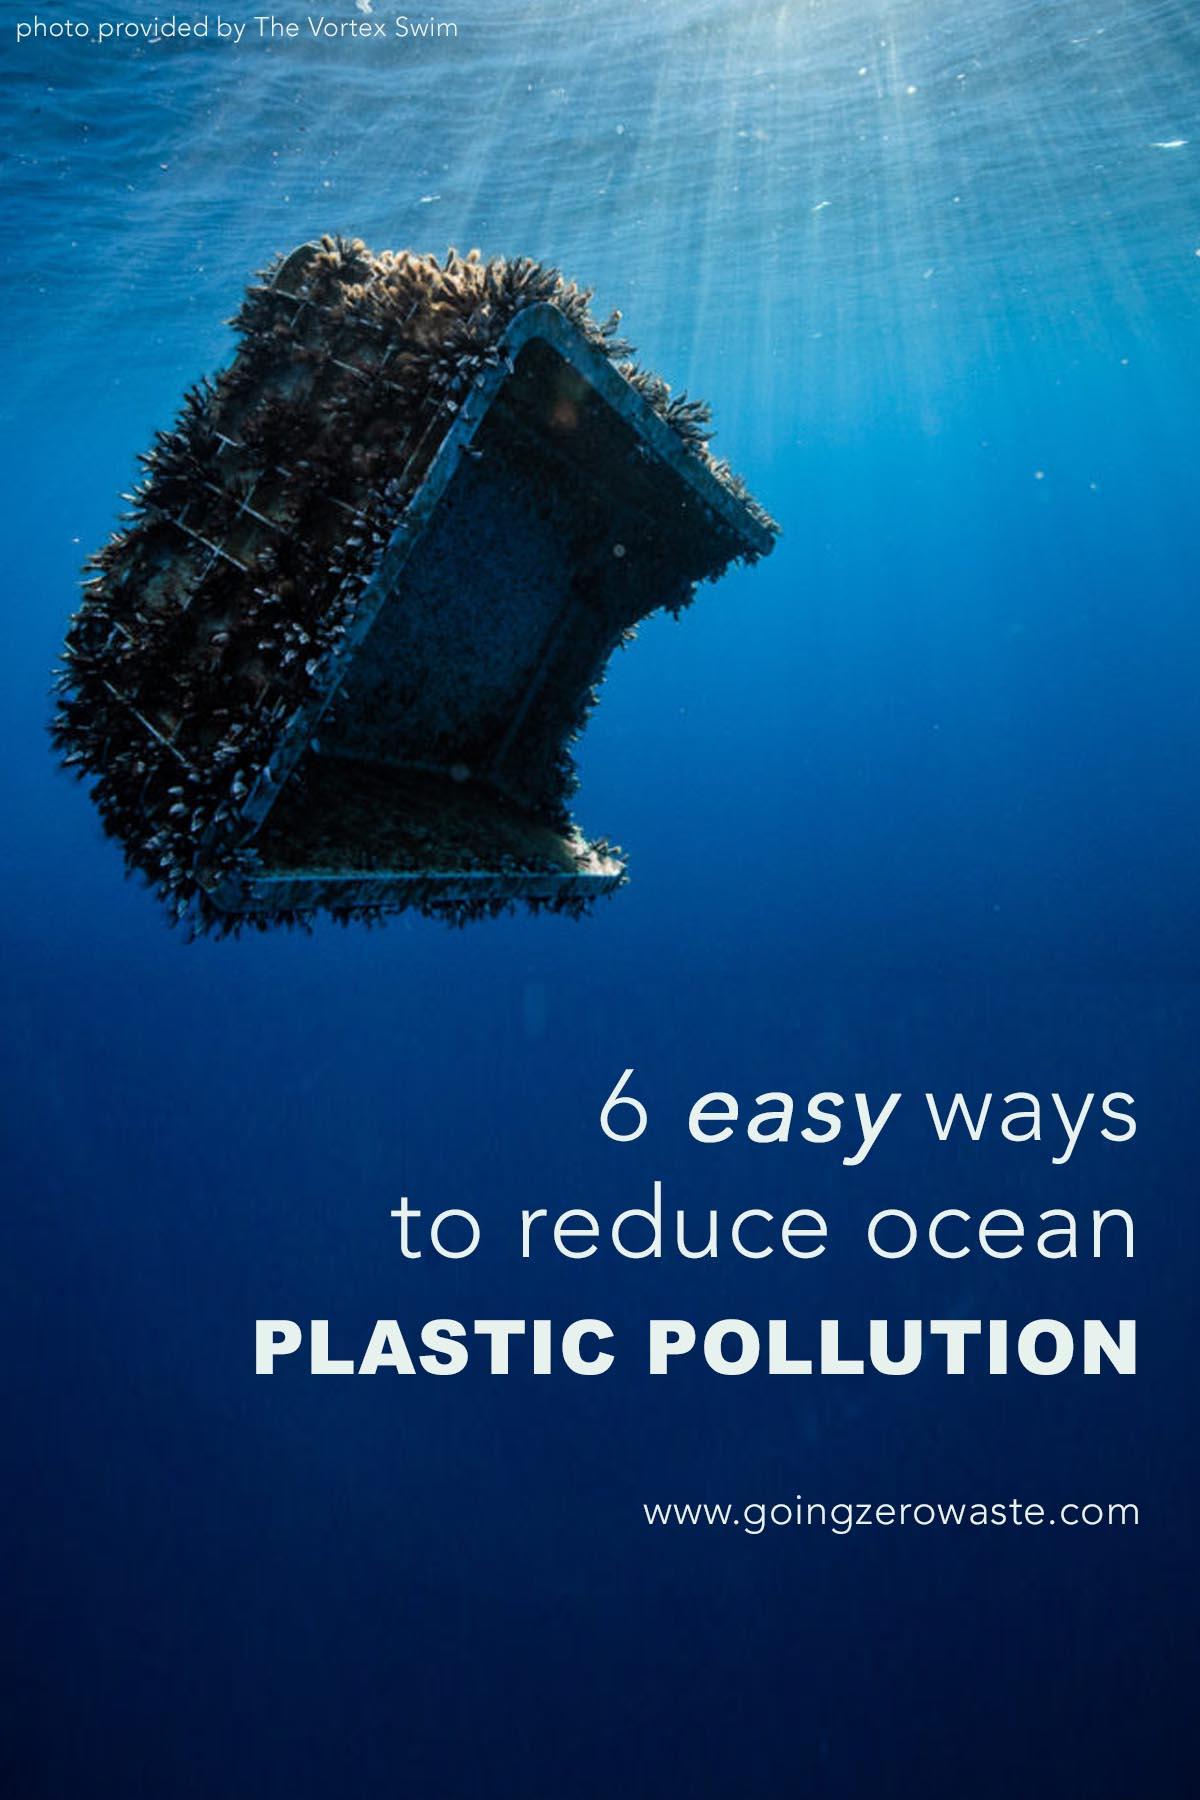 6 easy ways to reduce ocean plastic pollution from www.goingzerowaste.com #zerowaste #plasticpollution #plastic #singleuseplastic #ocean #oceanconservation #icebreaker #thevortexswim